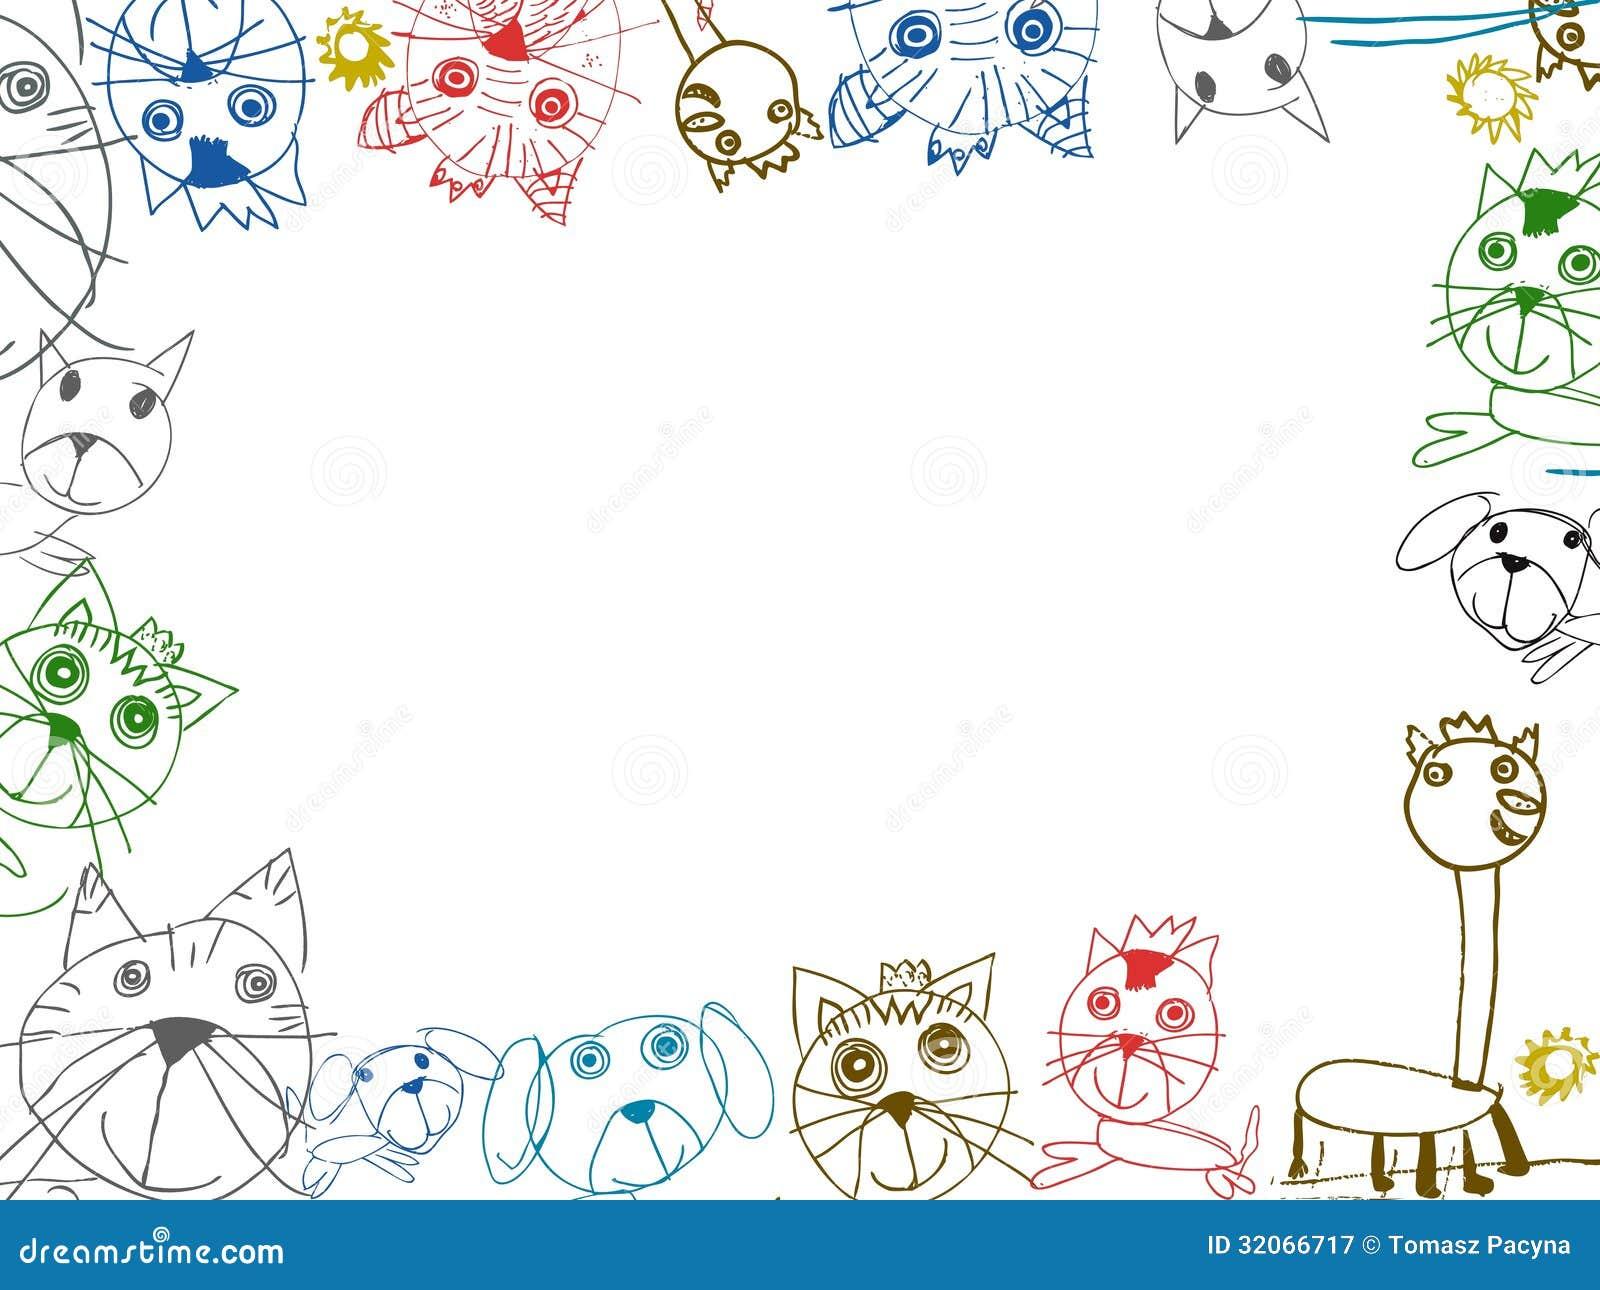 Flores Horizontales Dibujos Animados Patrón De Fondo: Ejemplo Del Marco Del Fondo De Los Dibujos De Los Niños